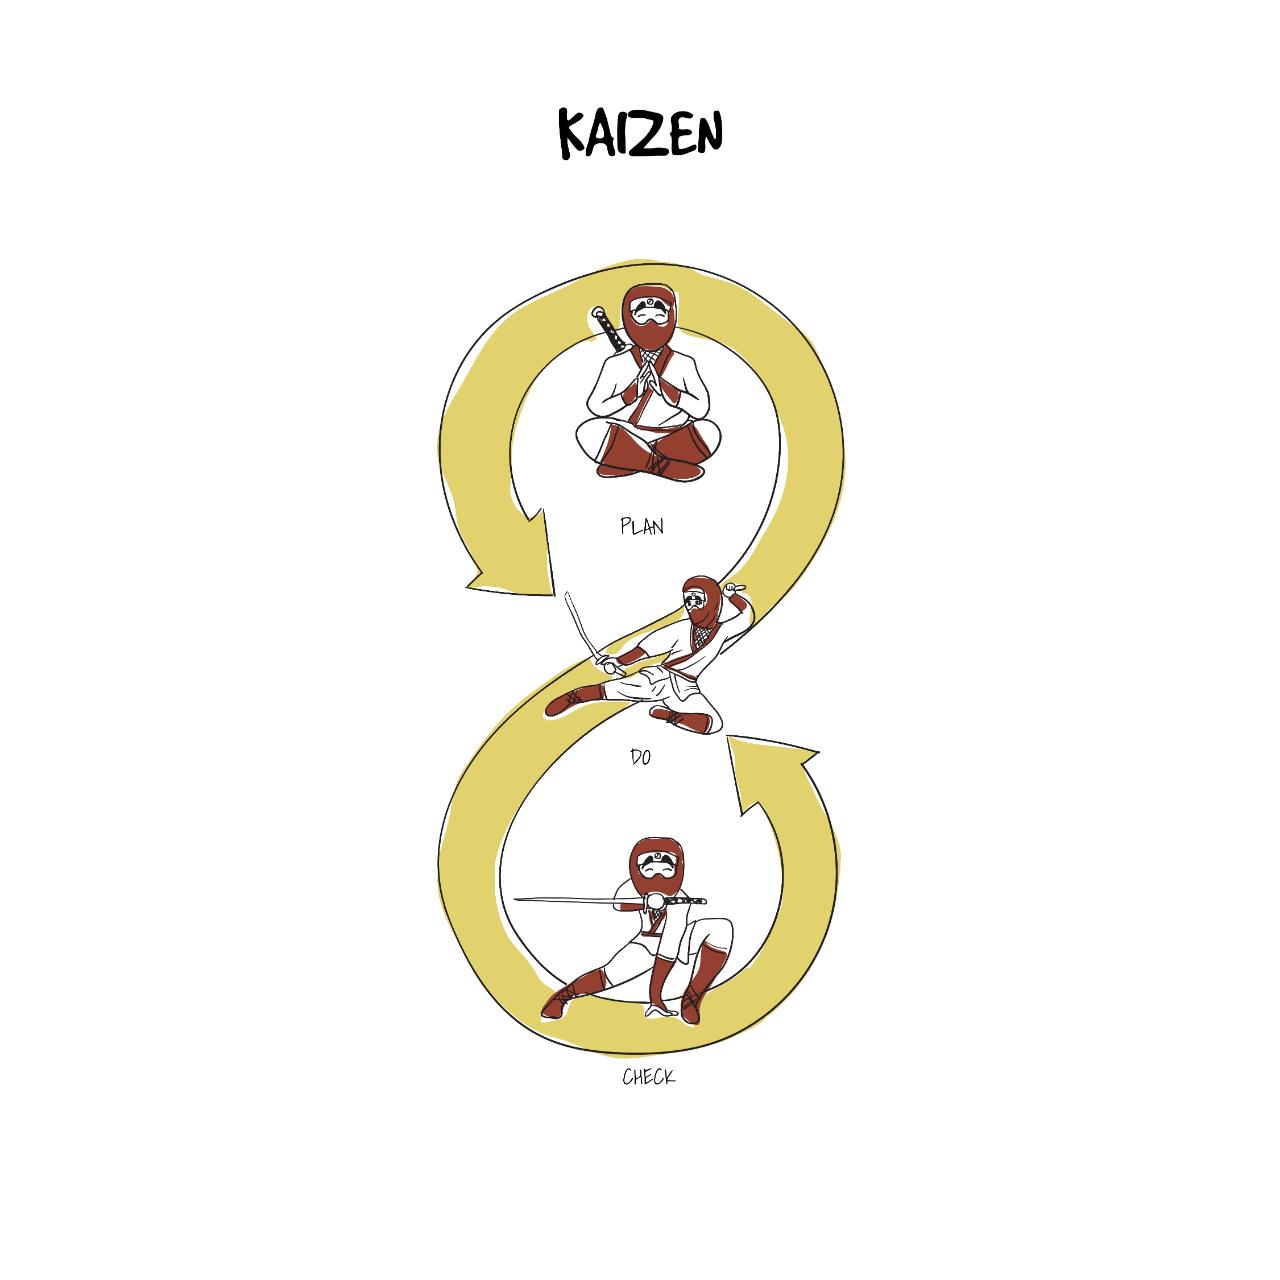 kaizen project management